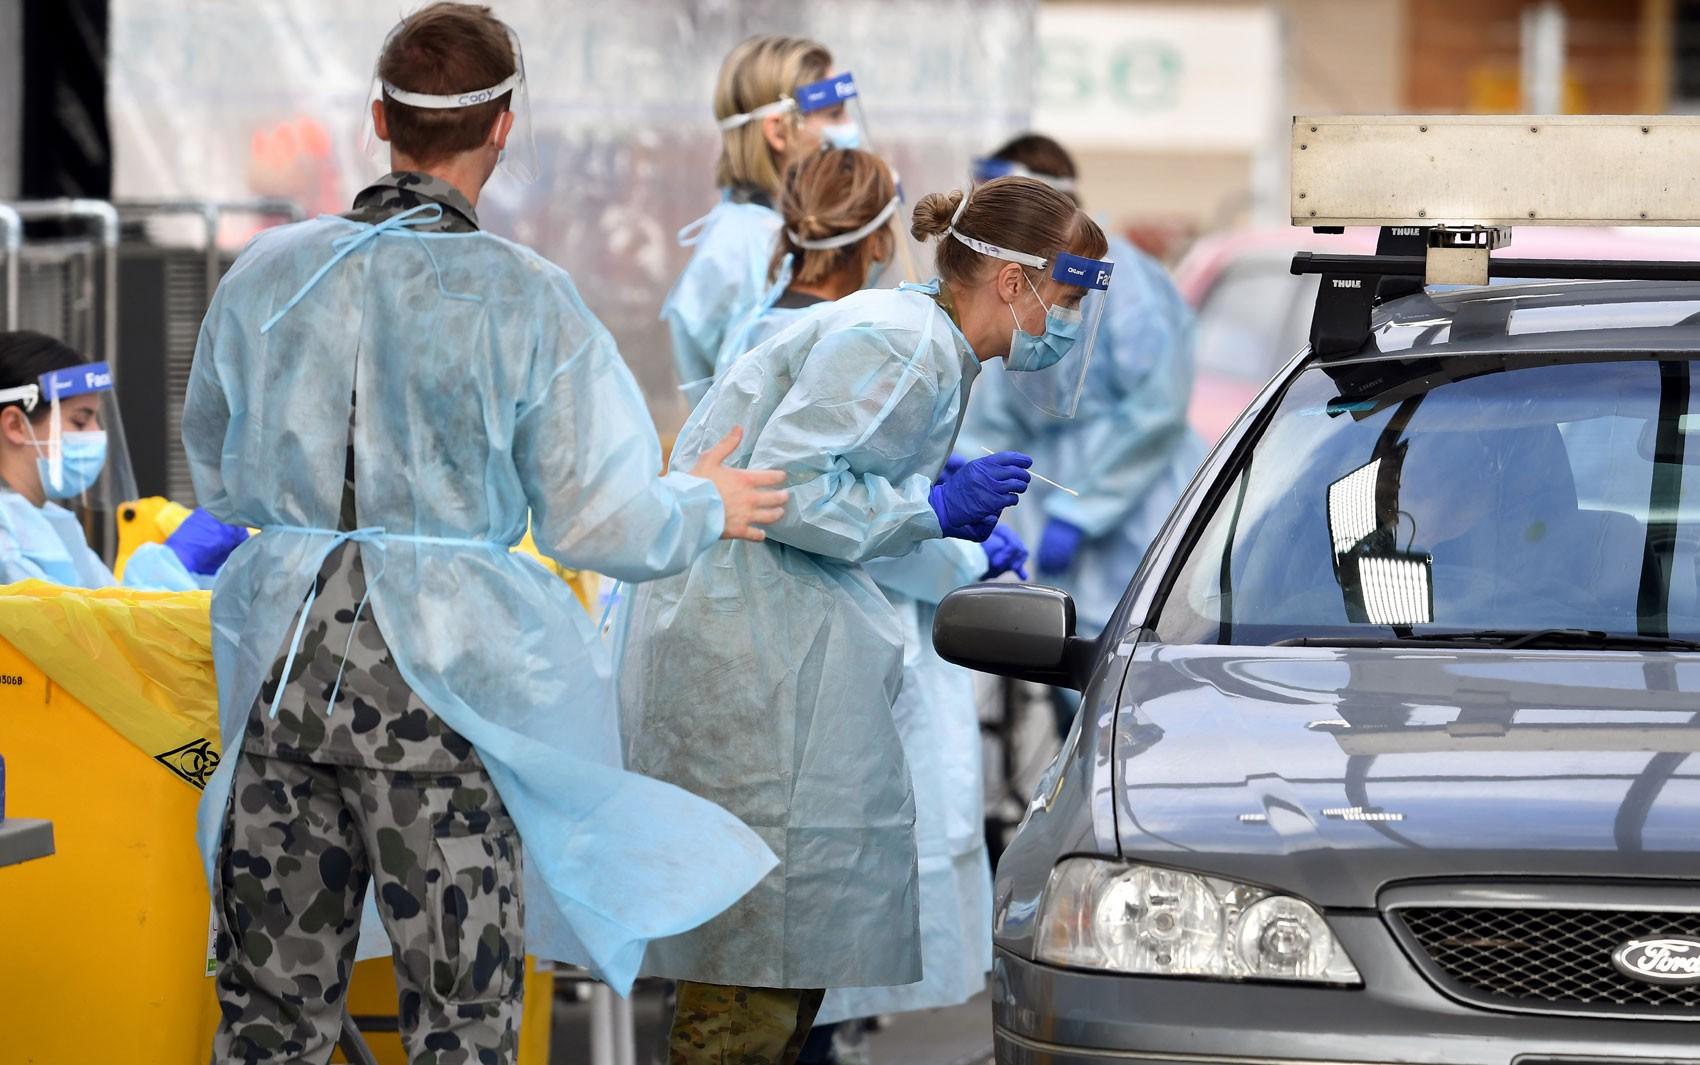 Melbourne tem novos casos de Covid-19 após falha em quarentena que incluiu sexo entre seguranças e isolados